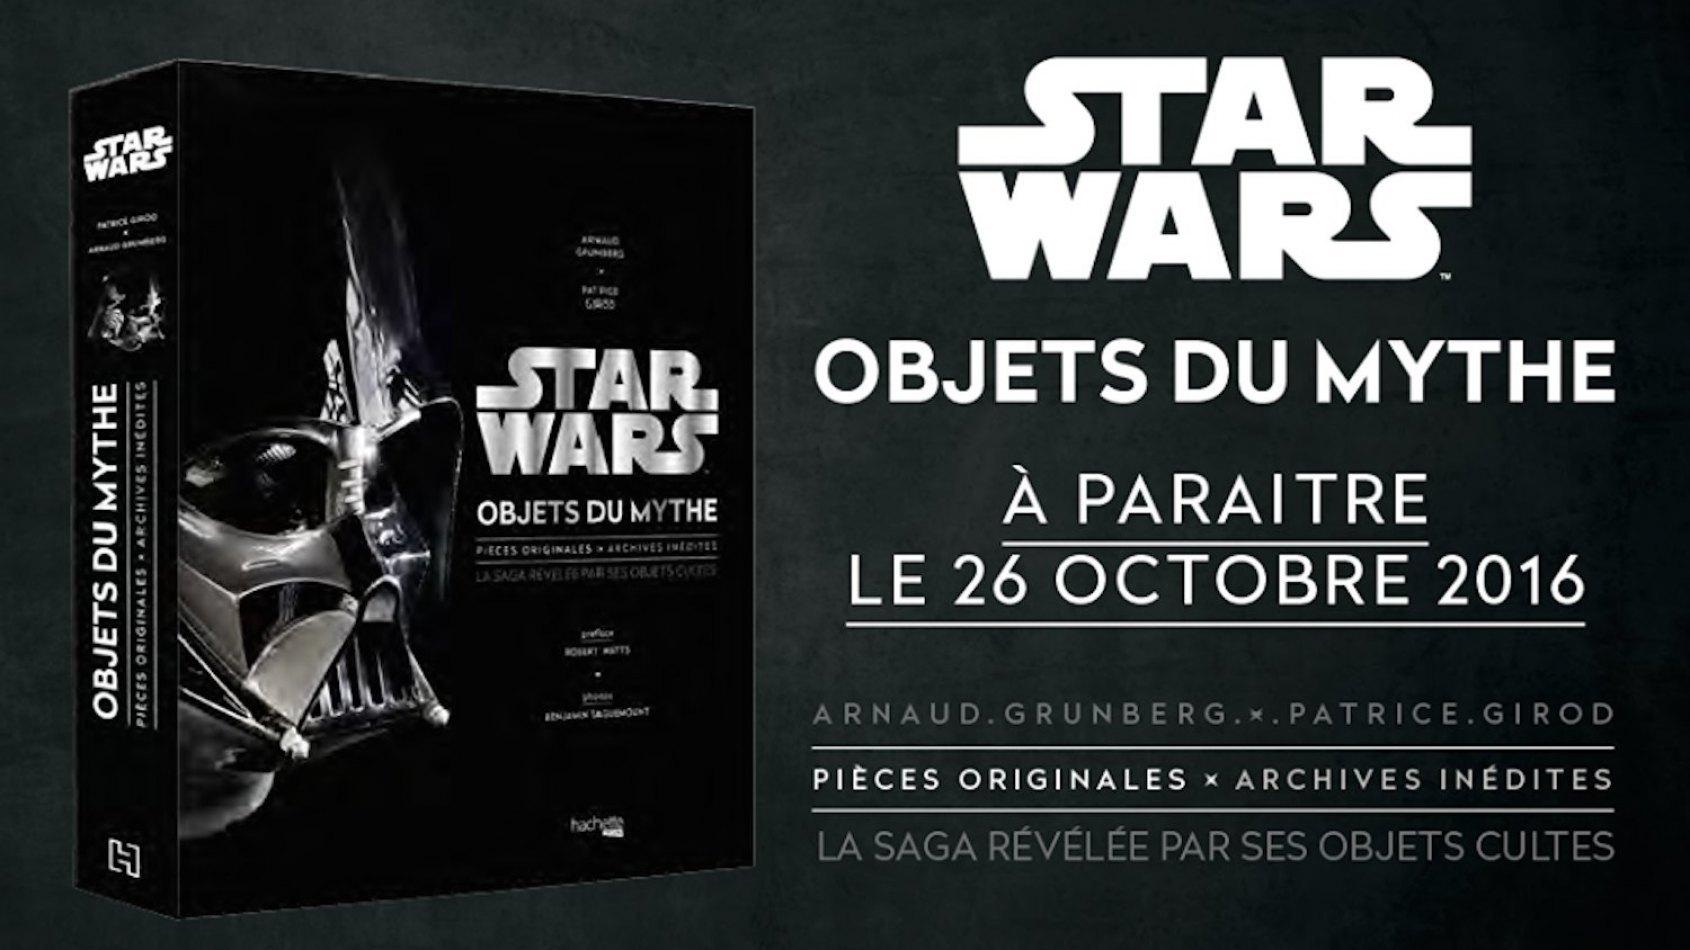 Star Wars Objets du Mythe, un nouvel ouvrage de Patrice Girod